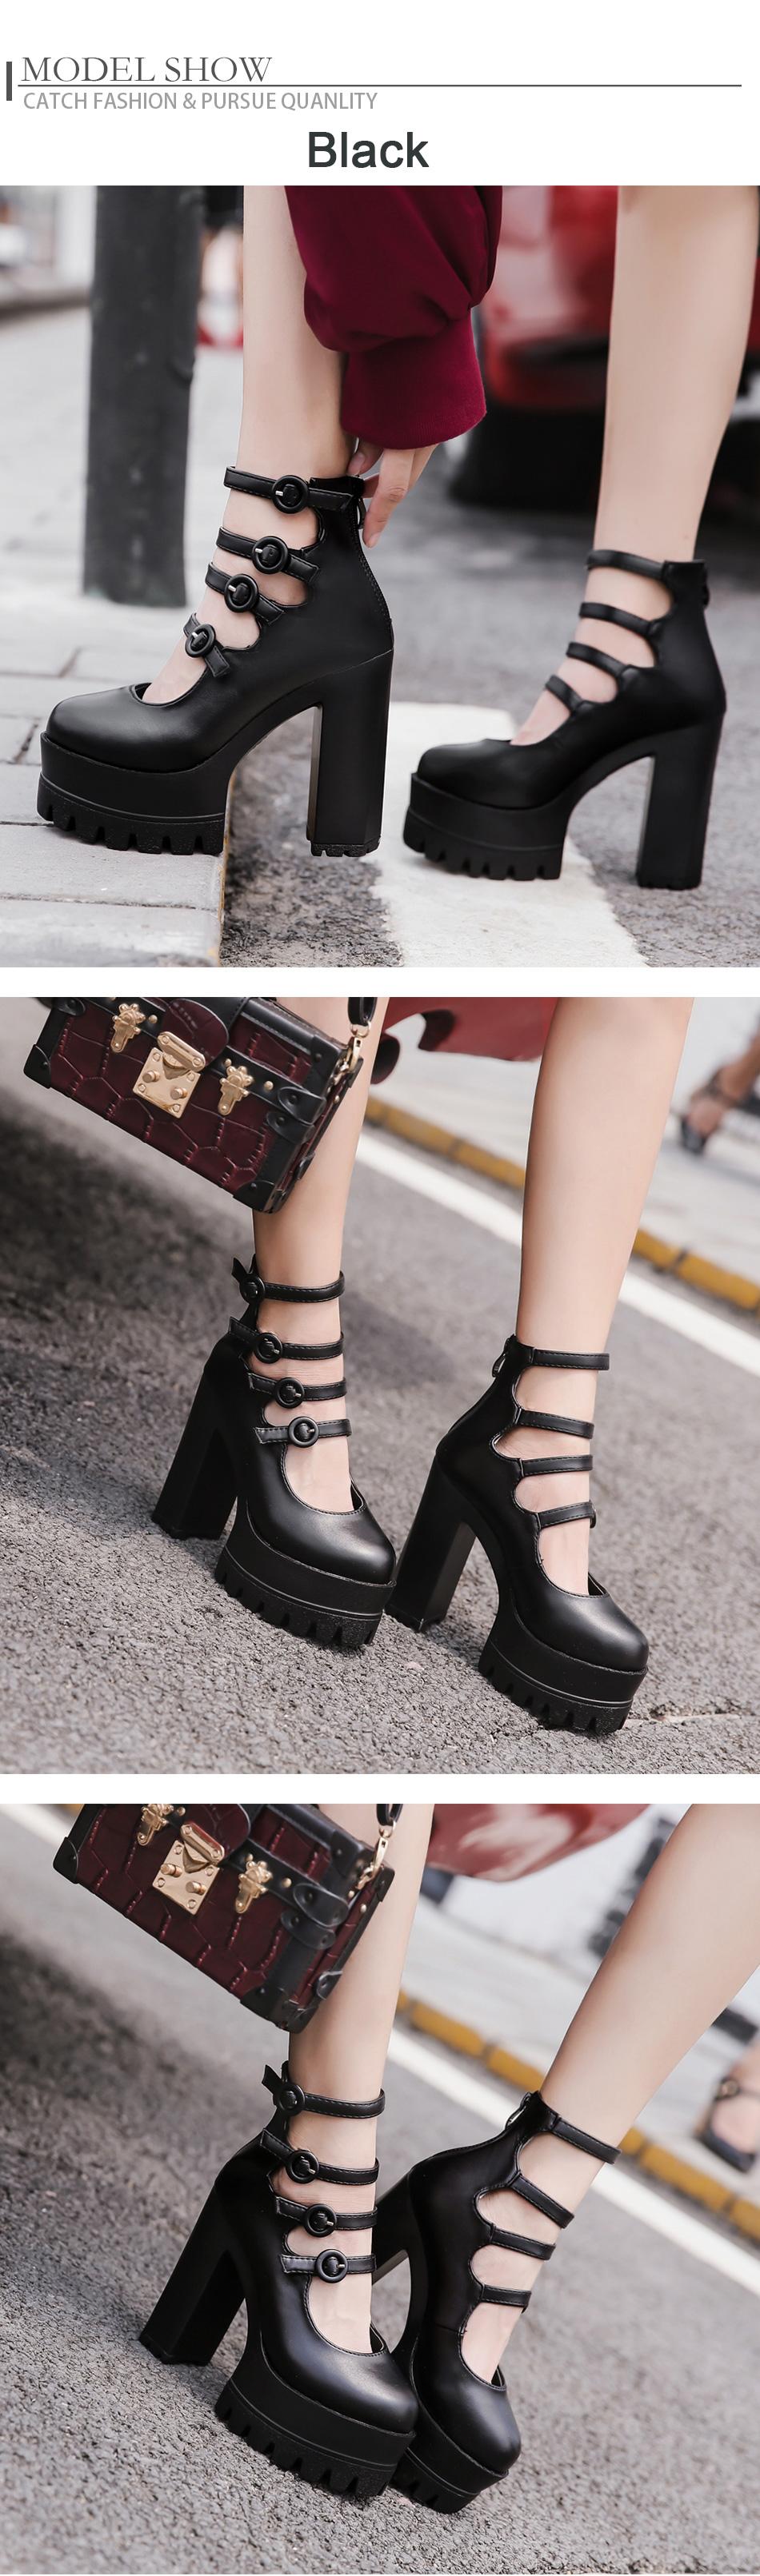 shoes woman high heel,women pumps platform